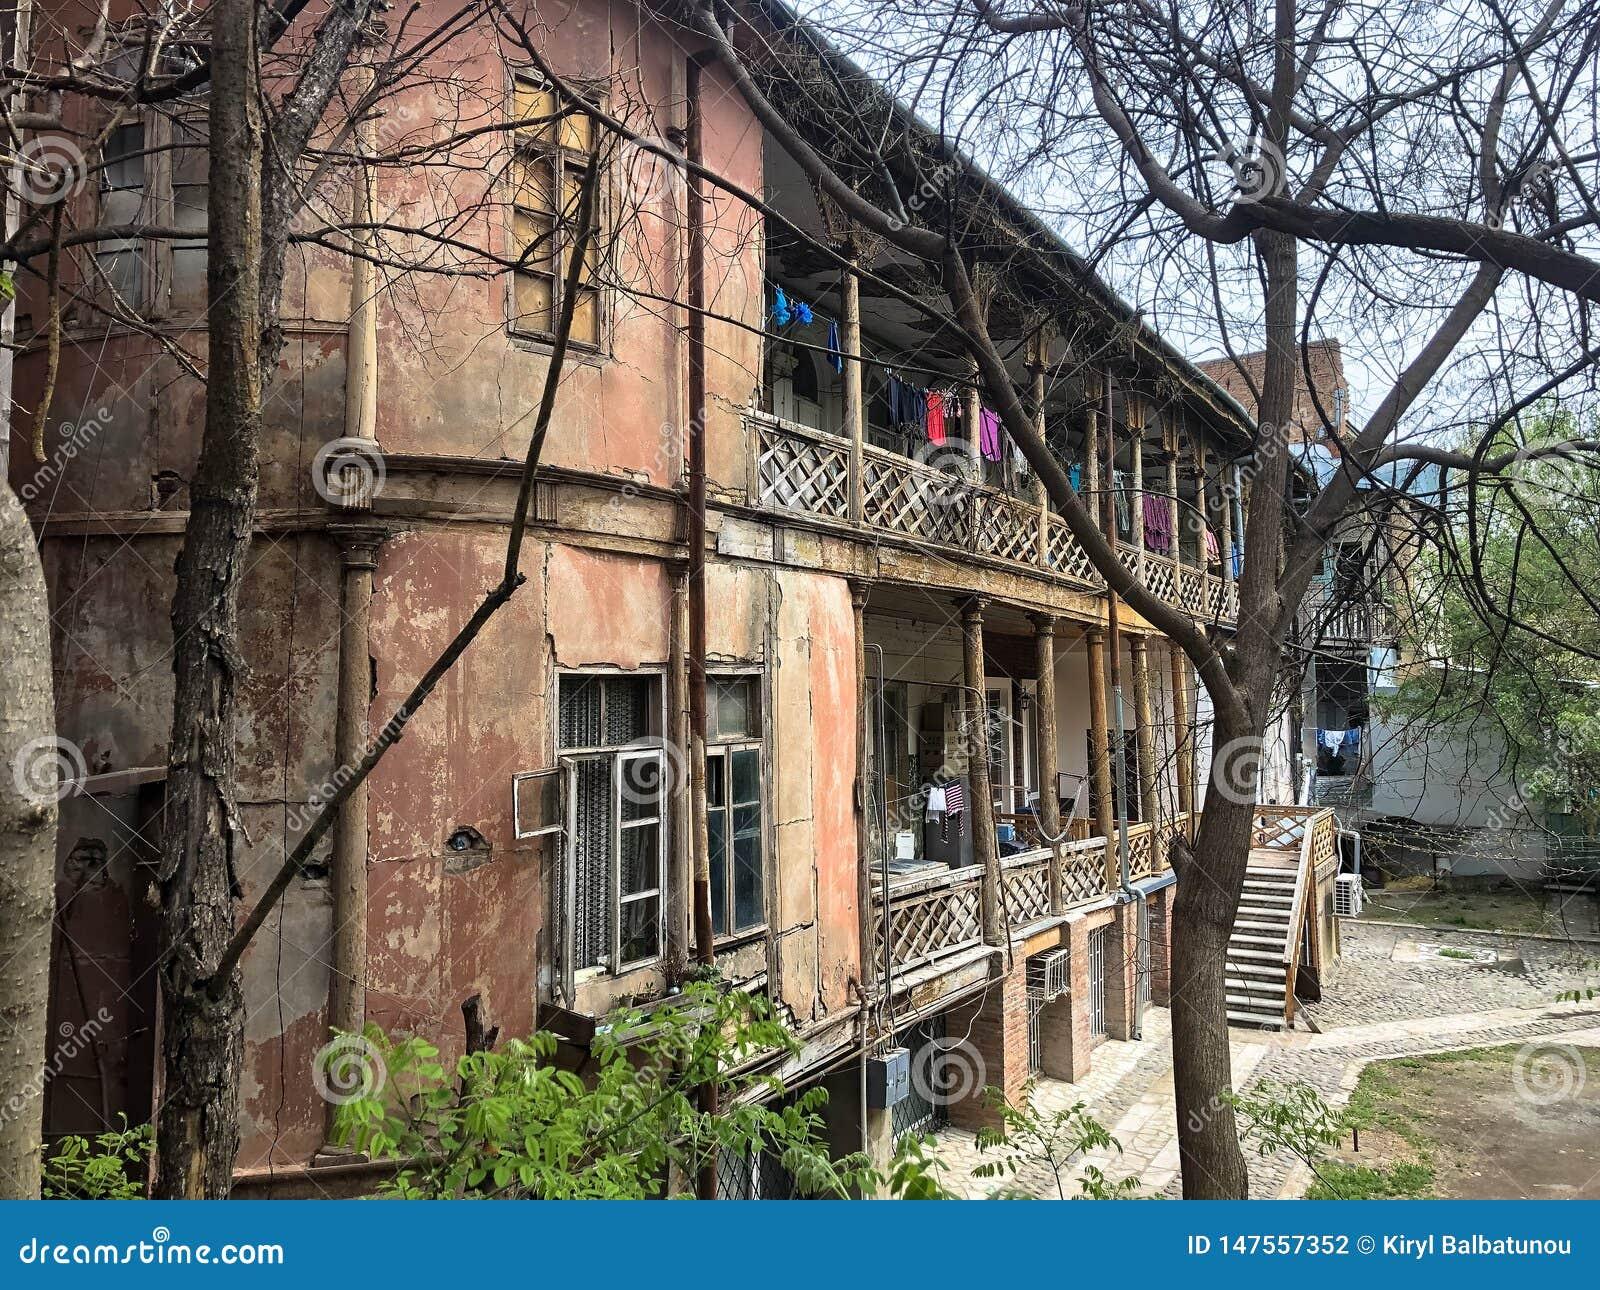 Schönes altes braunes verfallenes dreistöckiges Haus mit Fenstern und Balkonen, Elendsviertelterrassen im alten Stadtgebiet von T